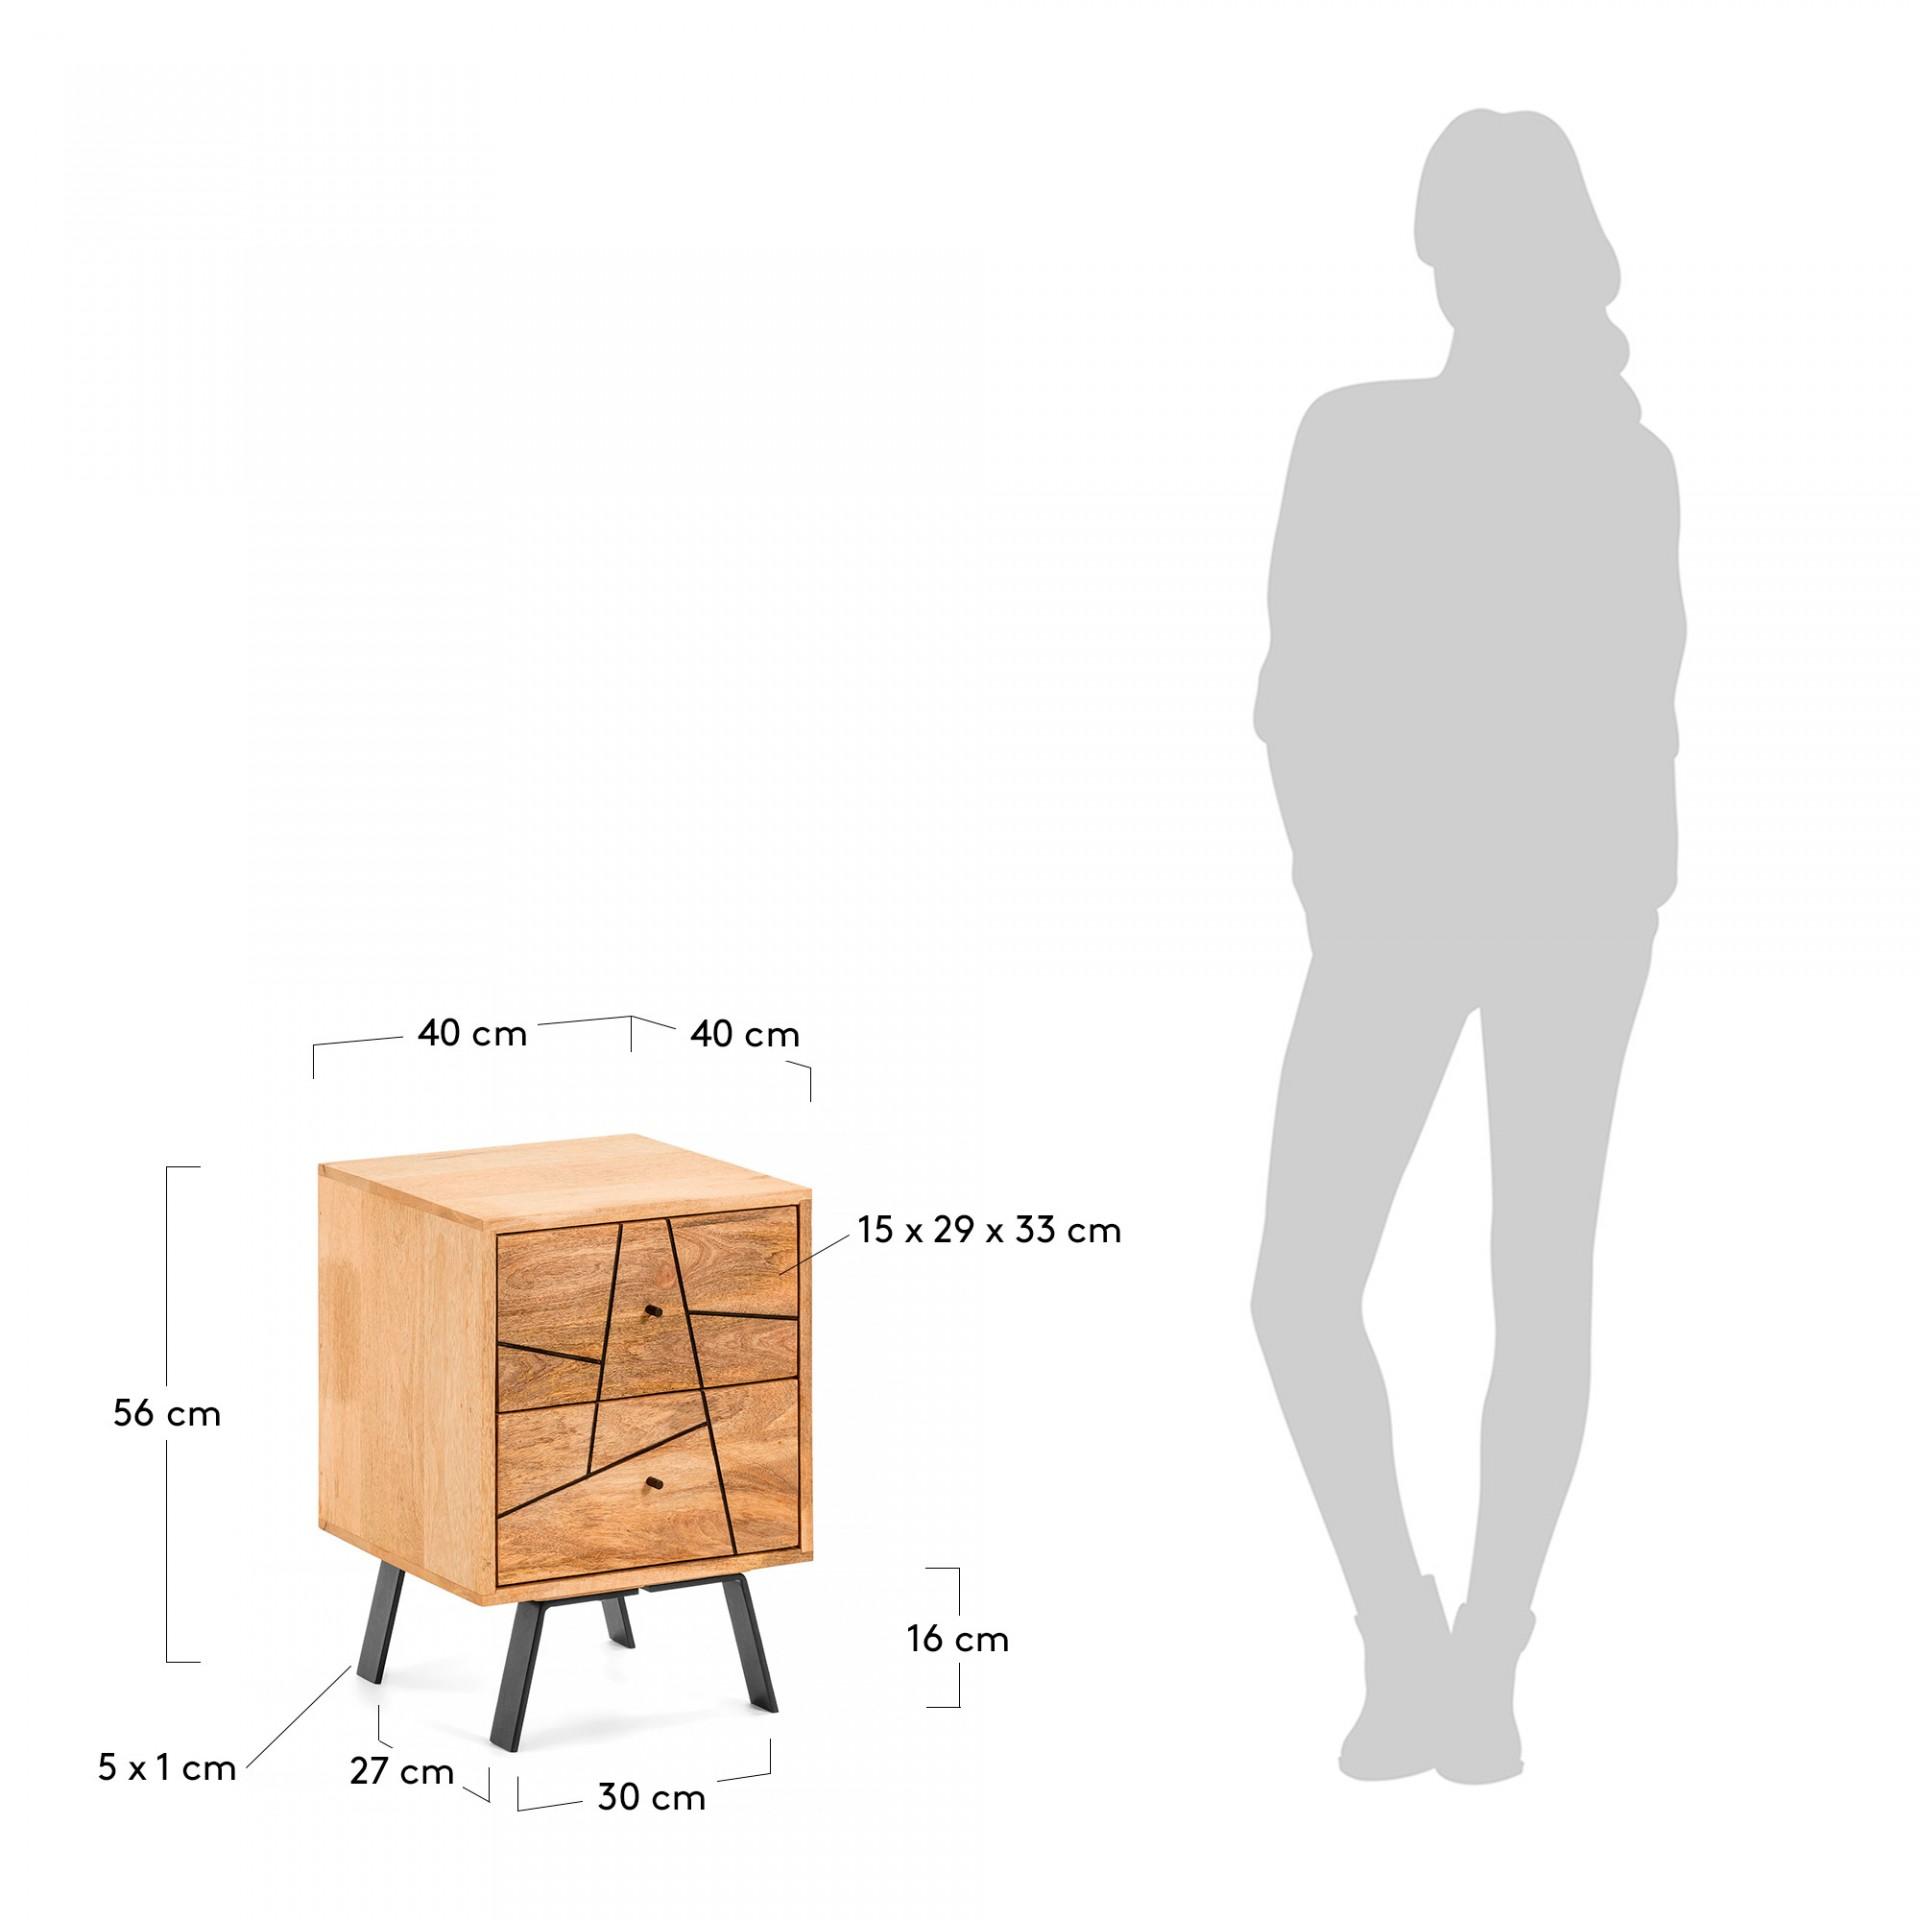 Mesa de cabeceira Baia, madeira de manga natural, 40x56